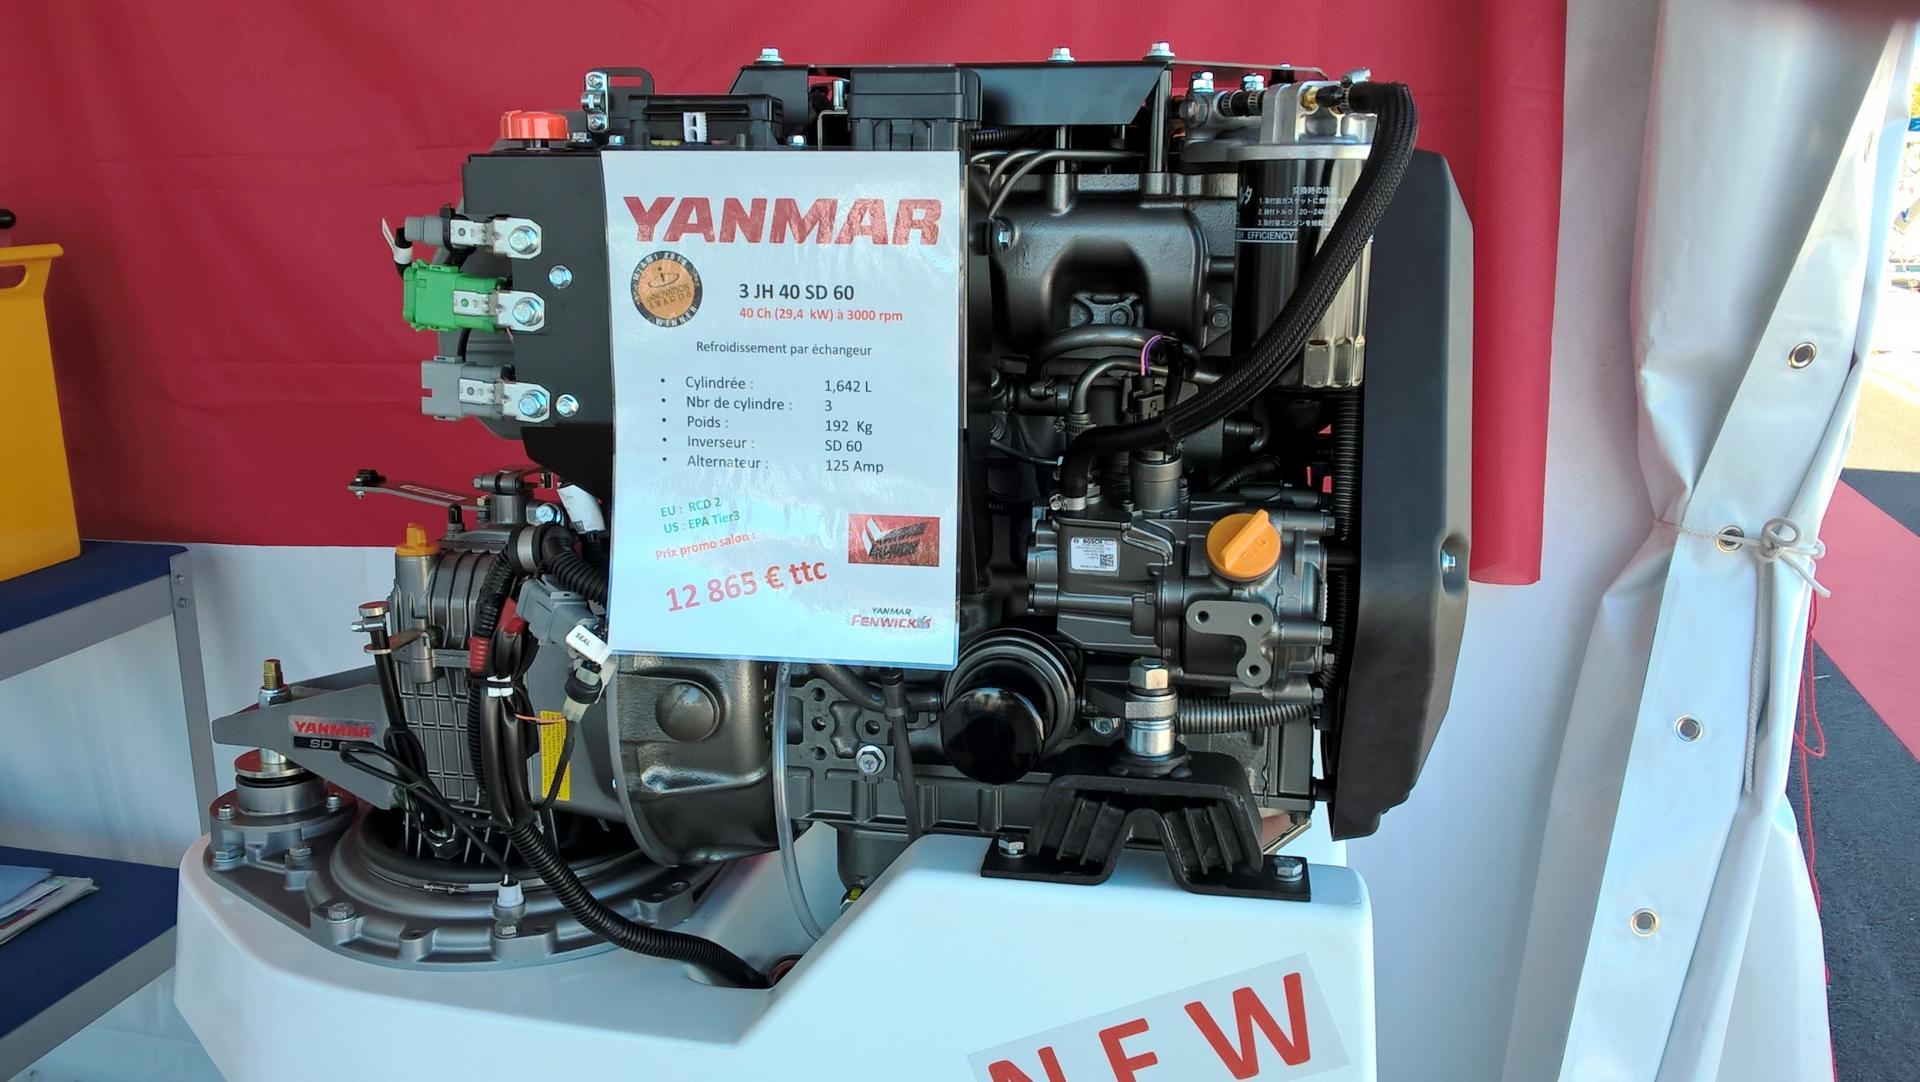 Nouveau moteur Yanmar 3JH 40